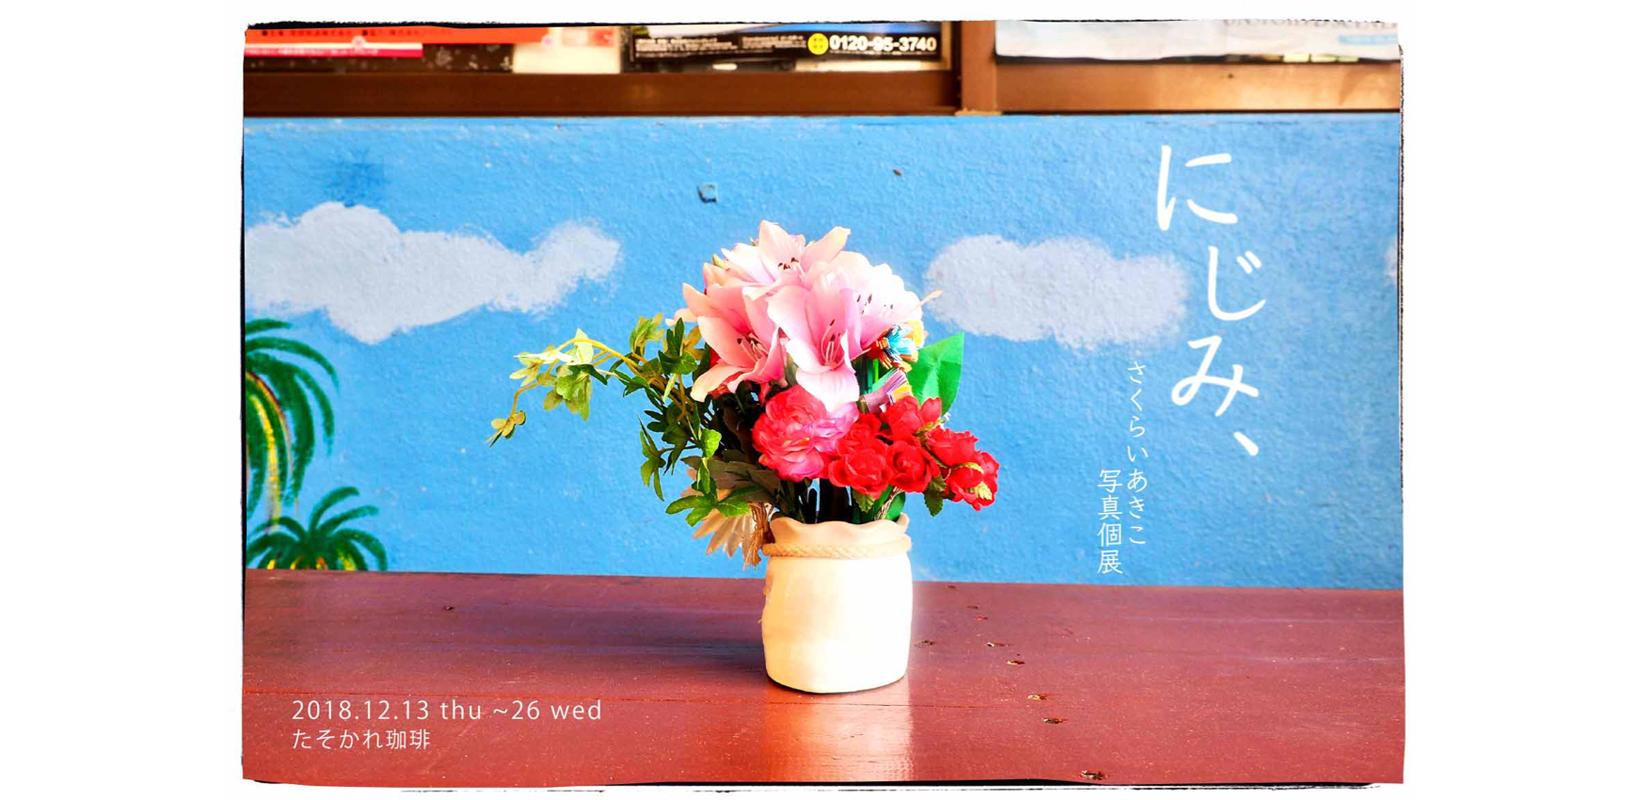 桜井亜希子写真個展「にじみ、」